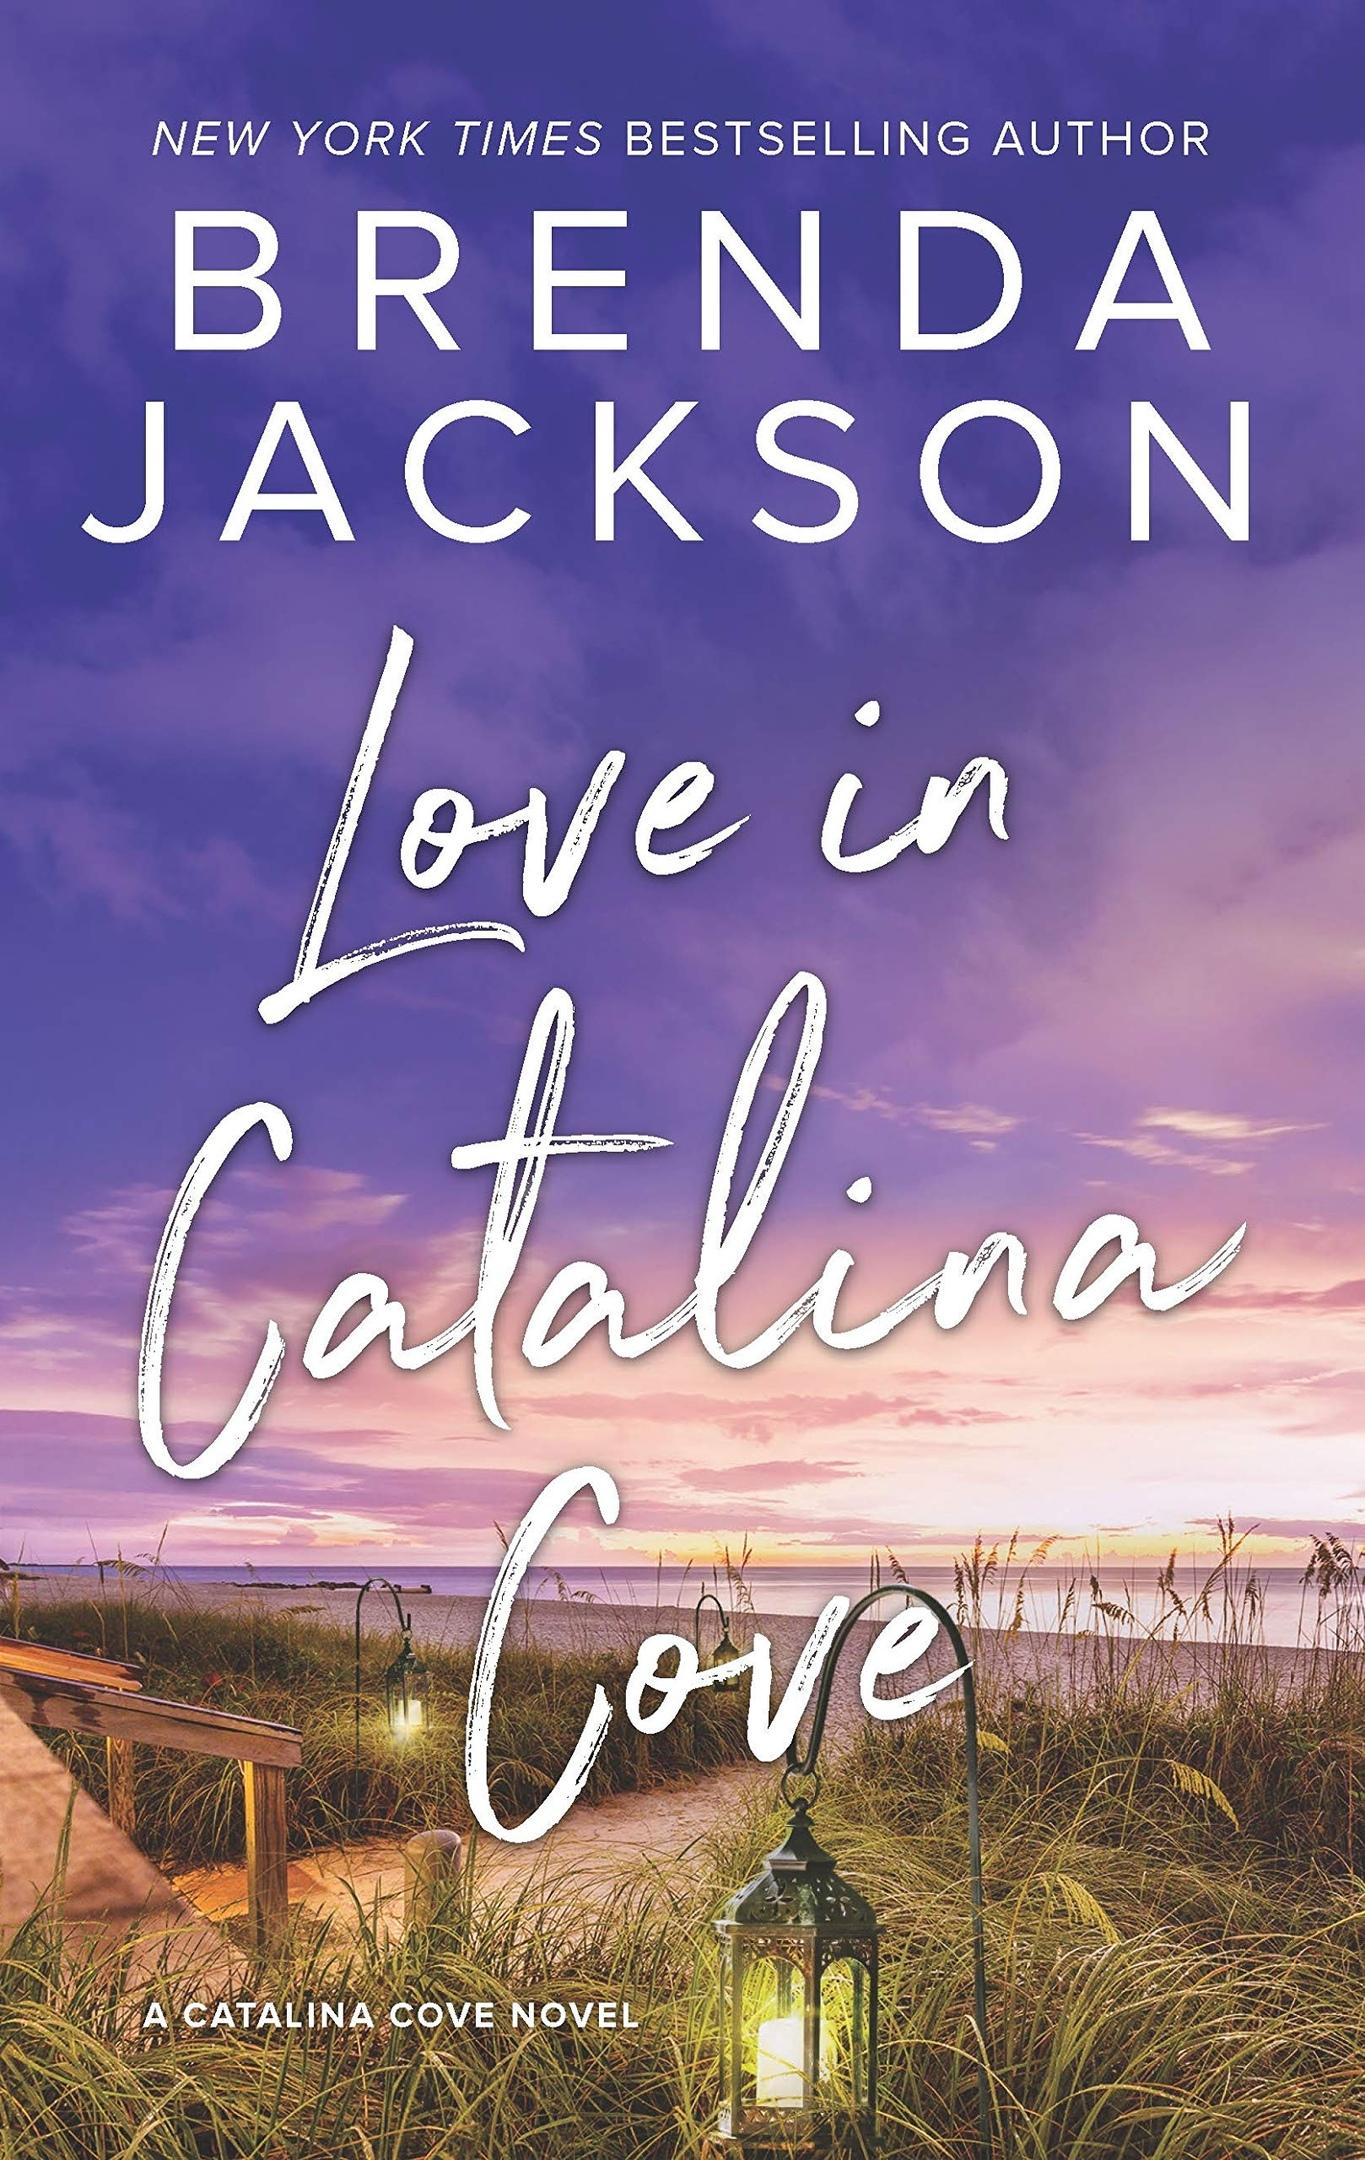 Brenda Jackson – Love In Catalina Cove